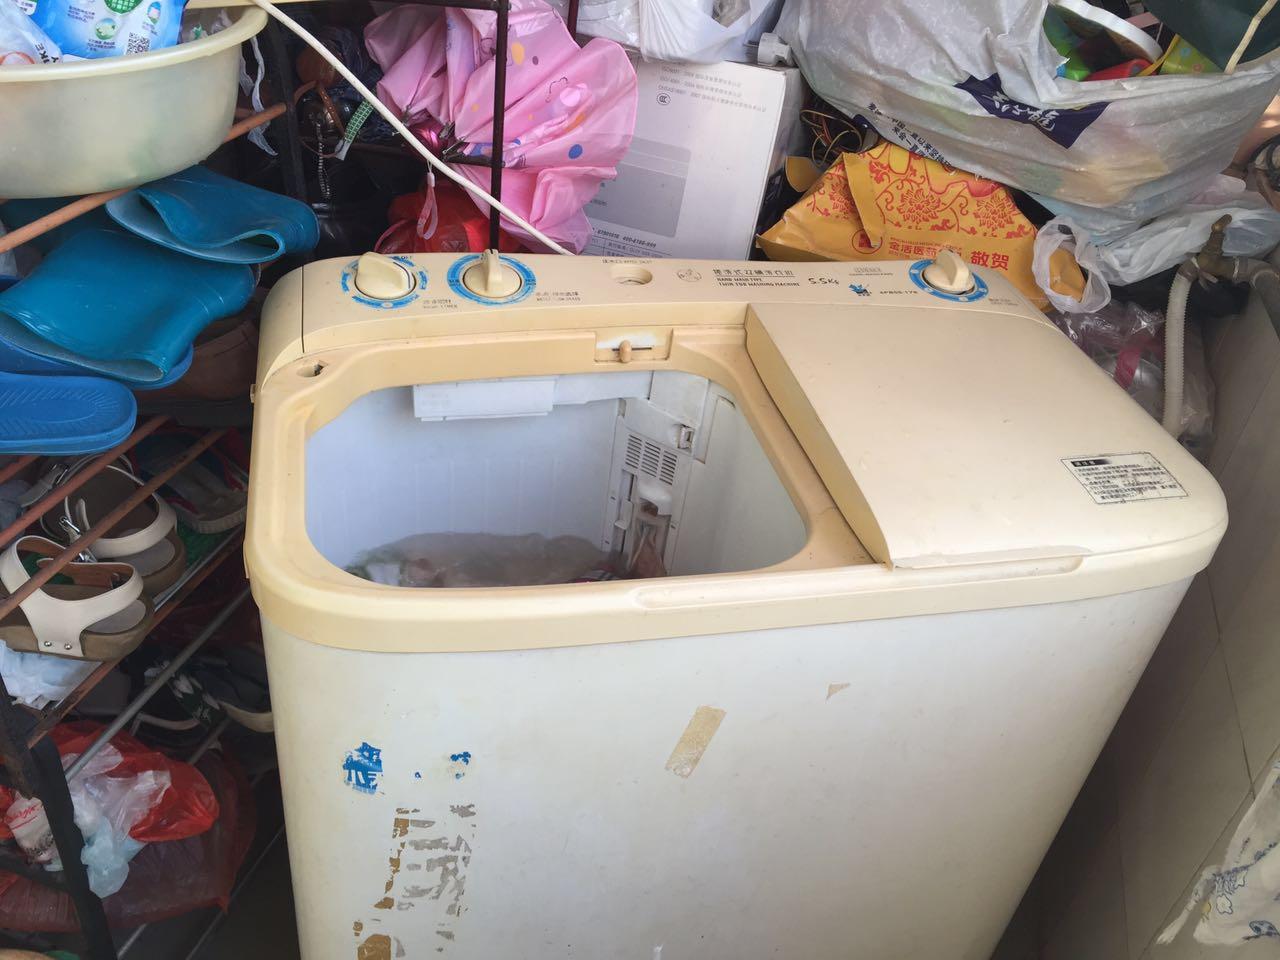 多余双桶洗衣机转让,富士康-跳蚤市场/二手交易